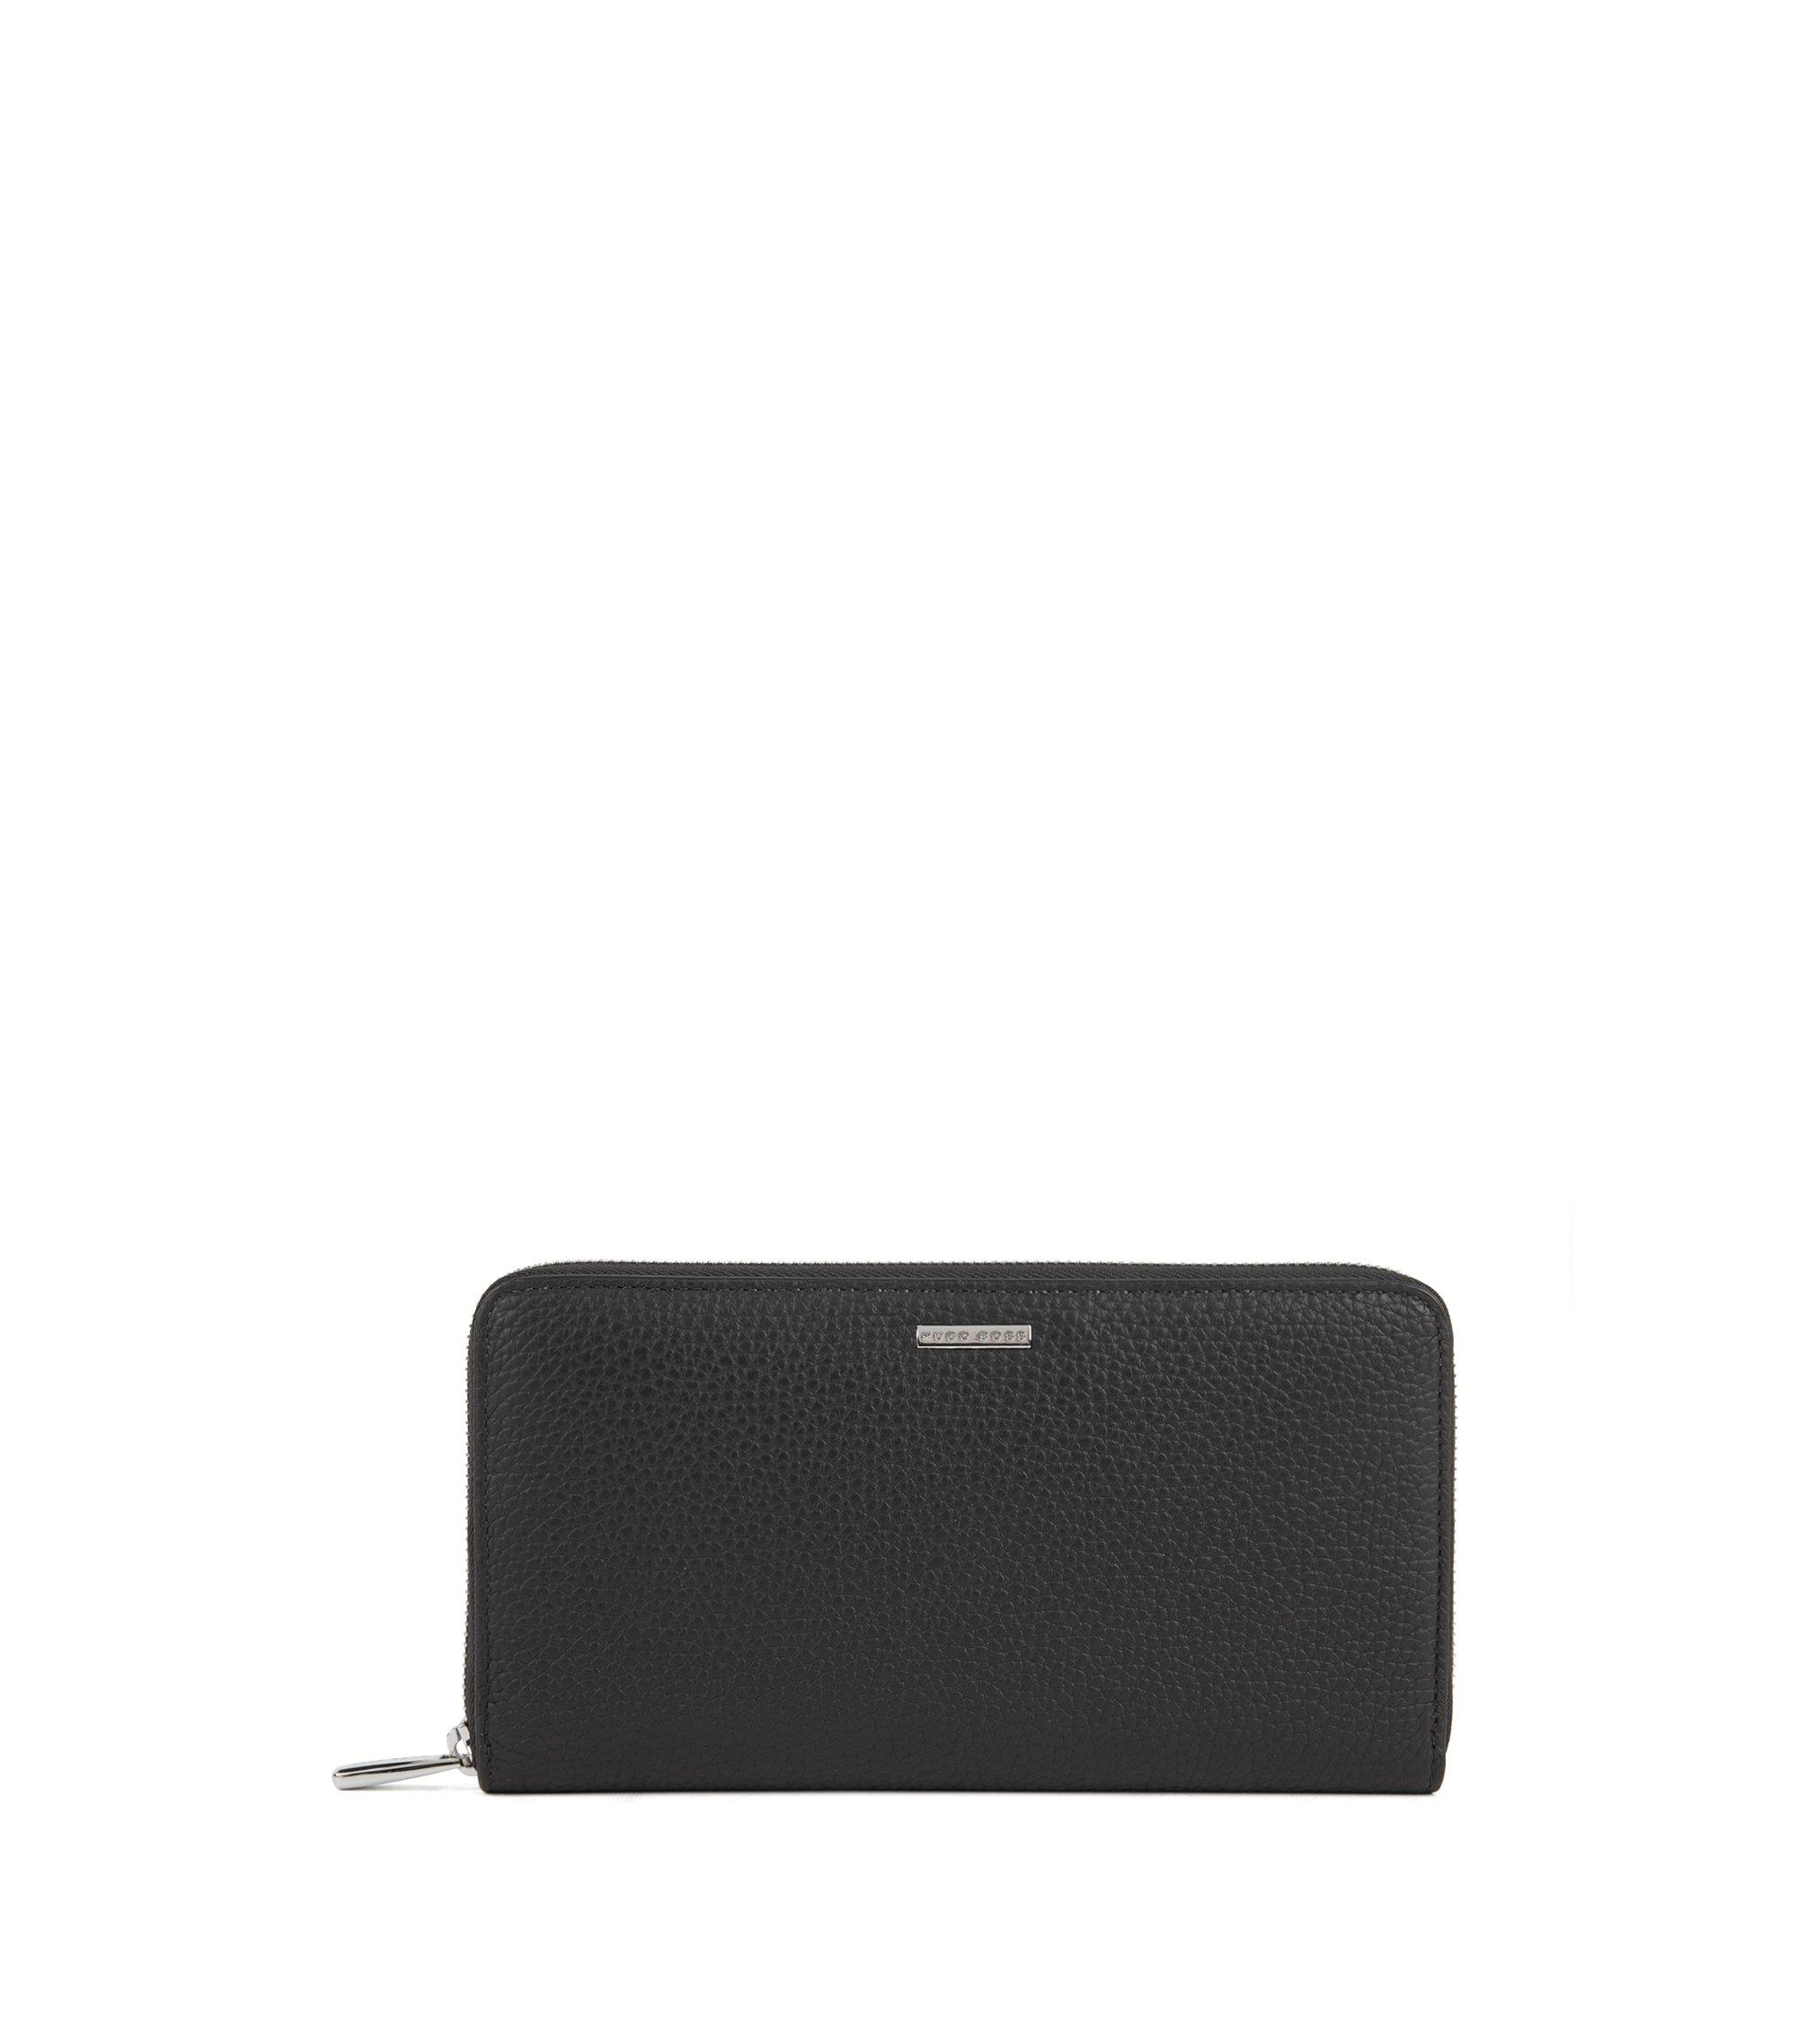 Reise-Geldbörse aus genarbtem italienischem Leder mit Reißverschluss, Schwarz